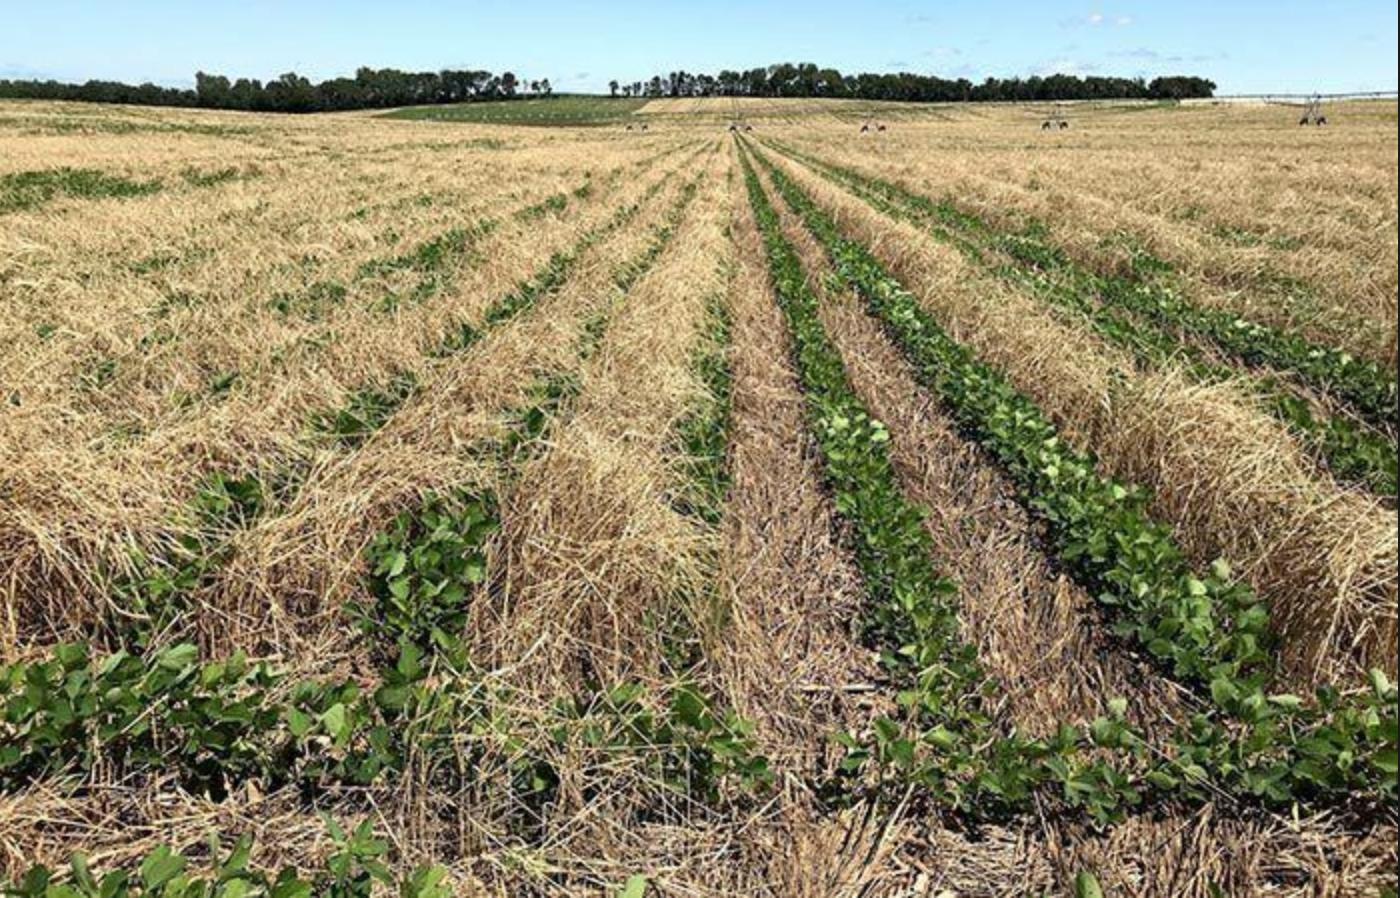 Regenerative agriculture emulates natural system